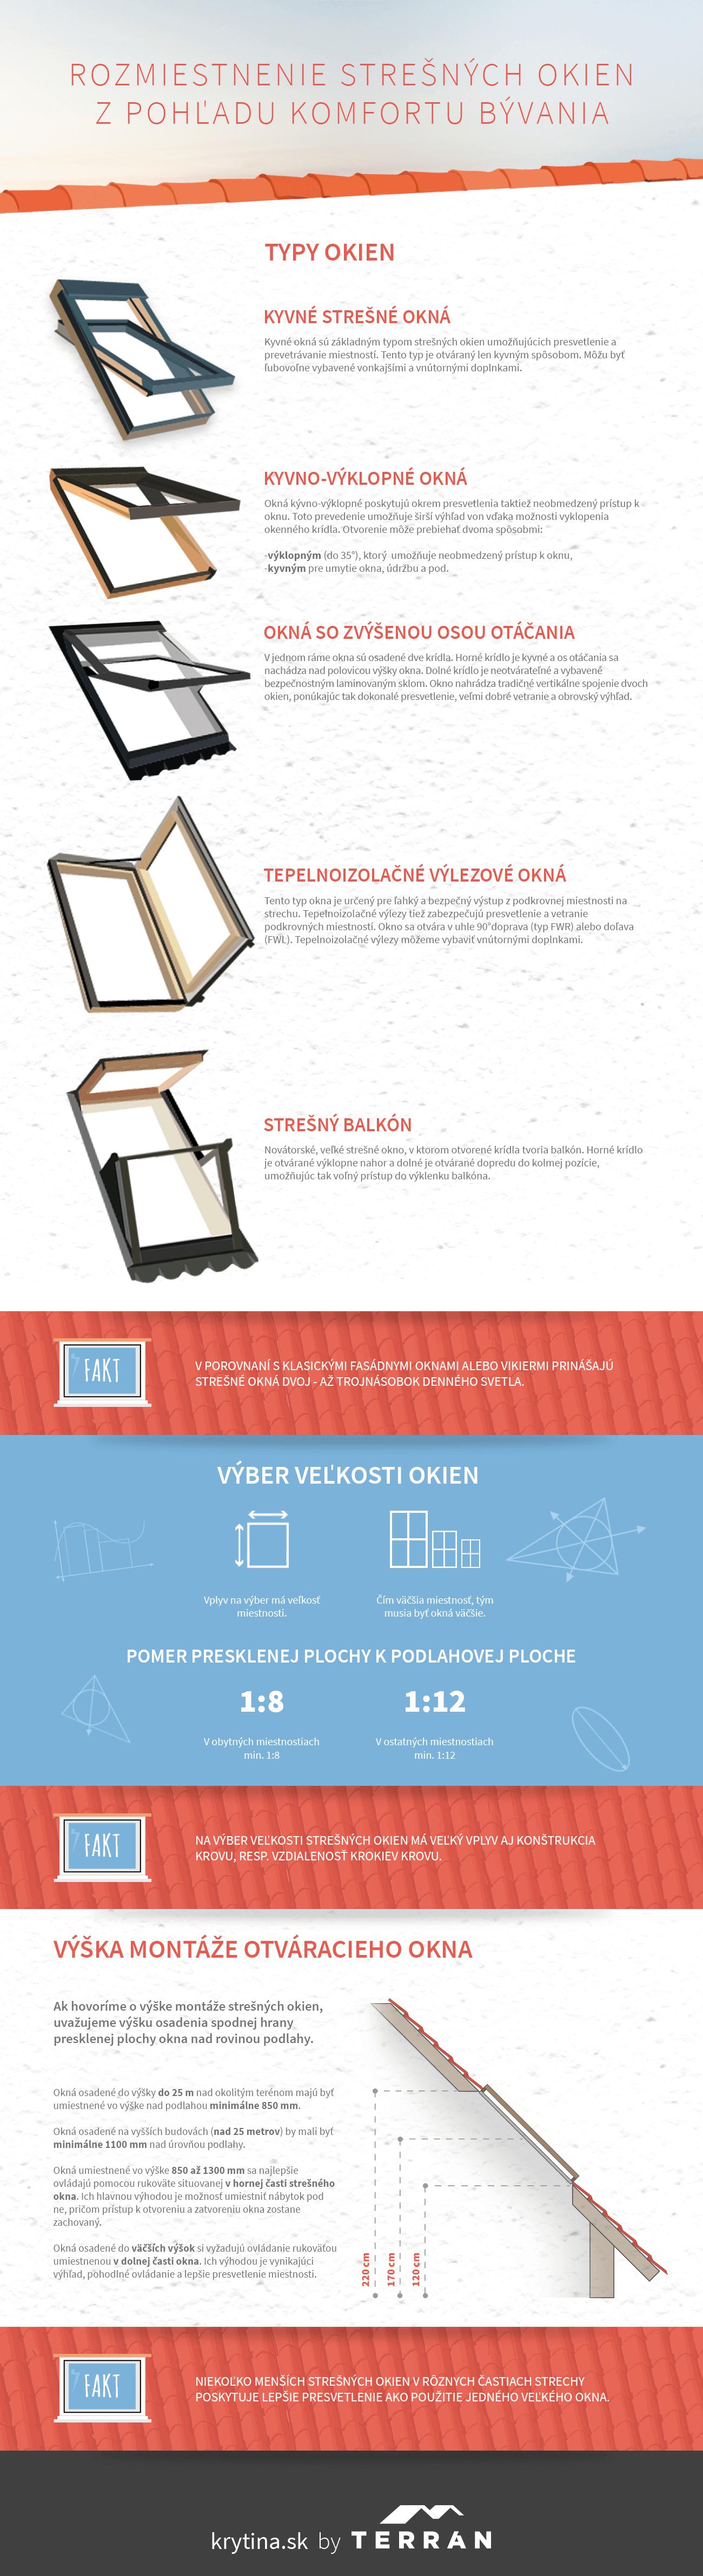 infografika-rozmiestnenie-stresnych-okien-z-pohladu-komfortu-byvania